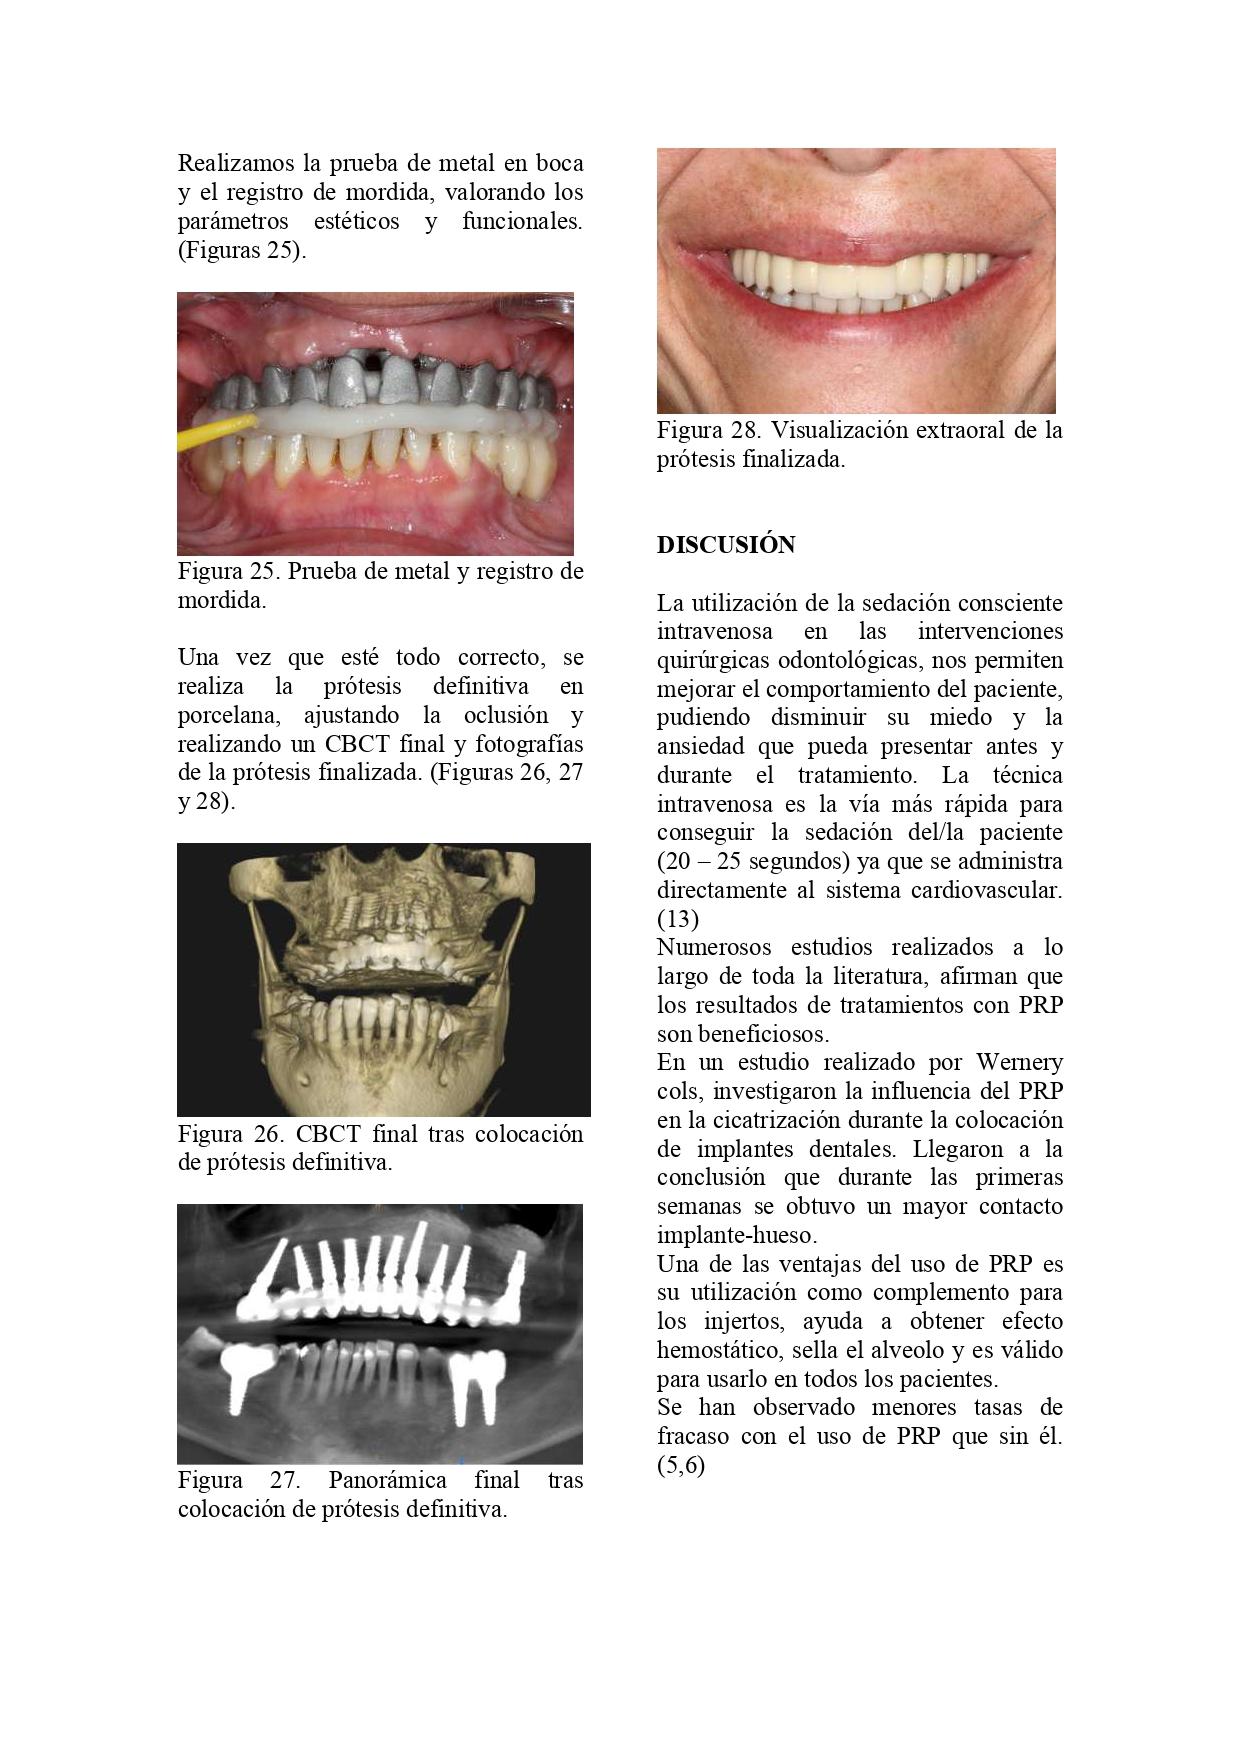 CASO-CLÍNICO-QUISTE-OK_page-0007